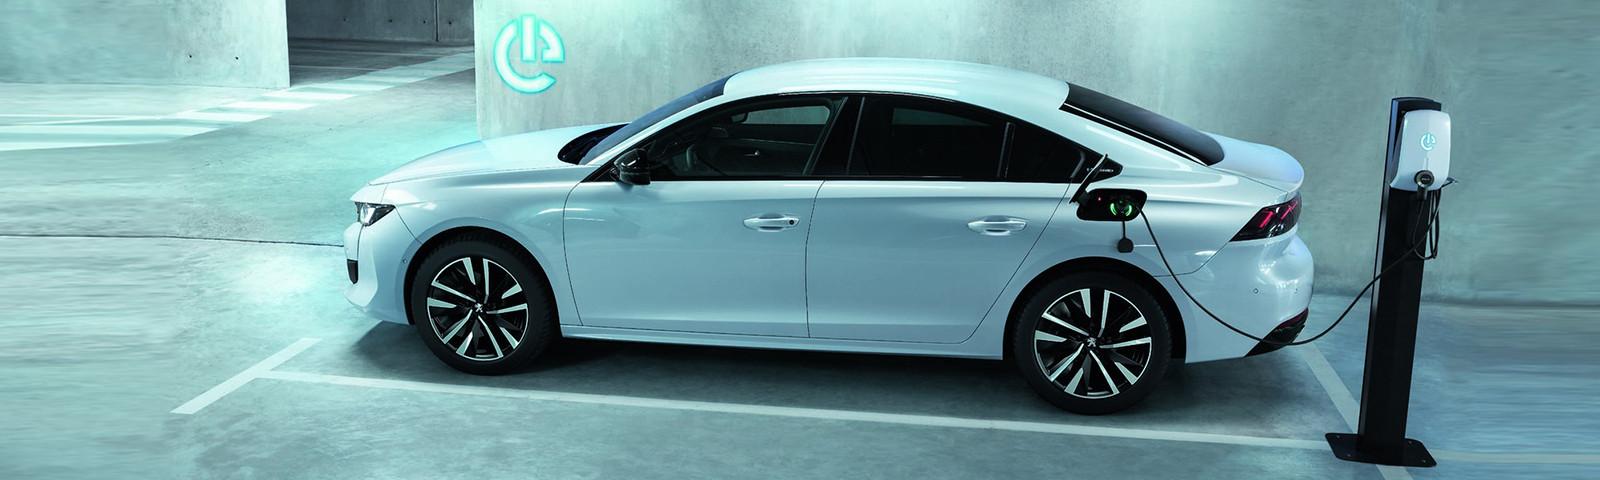 Peugeot 508 Hybrid y 508 SW Hybrid, el híbrido enchufable más eficiente